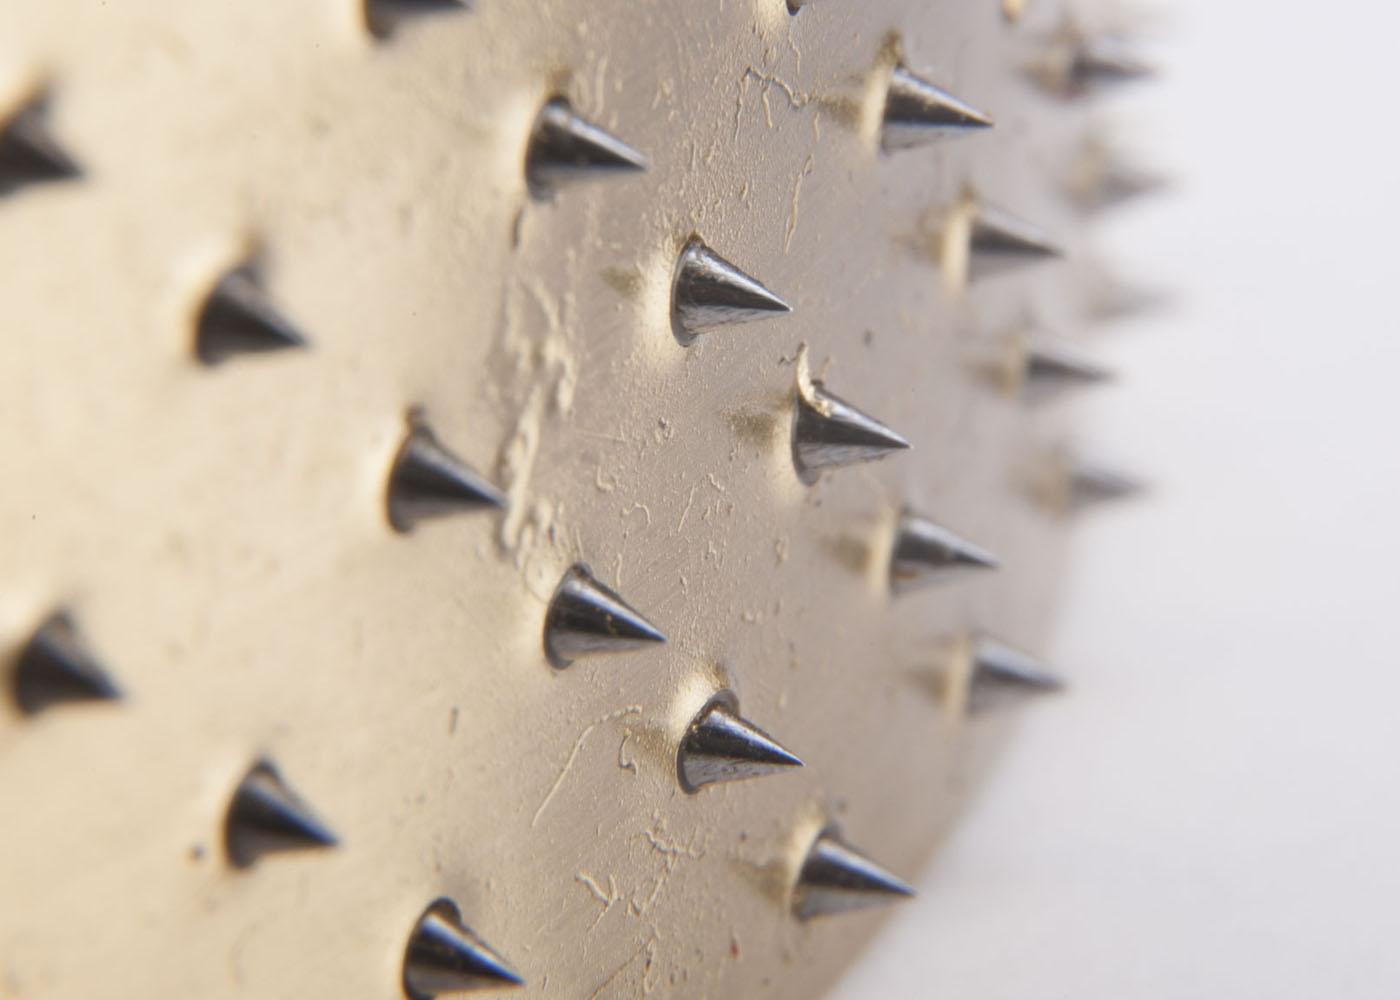 ruote-ad-aghi-di-traino-per-fresatrici-da-legno